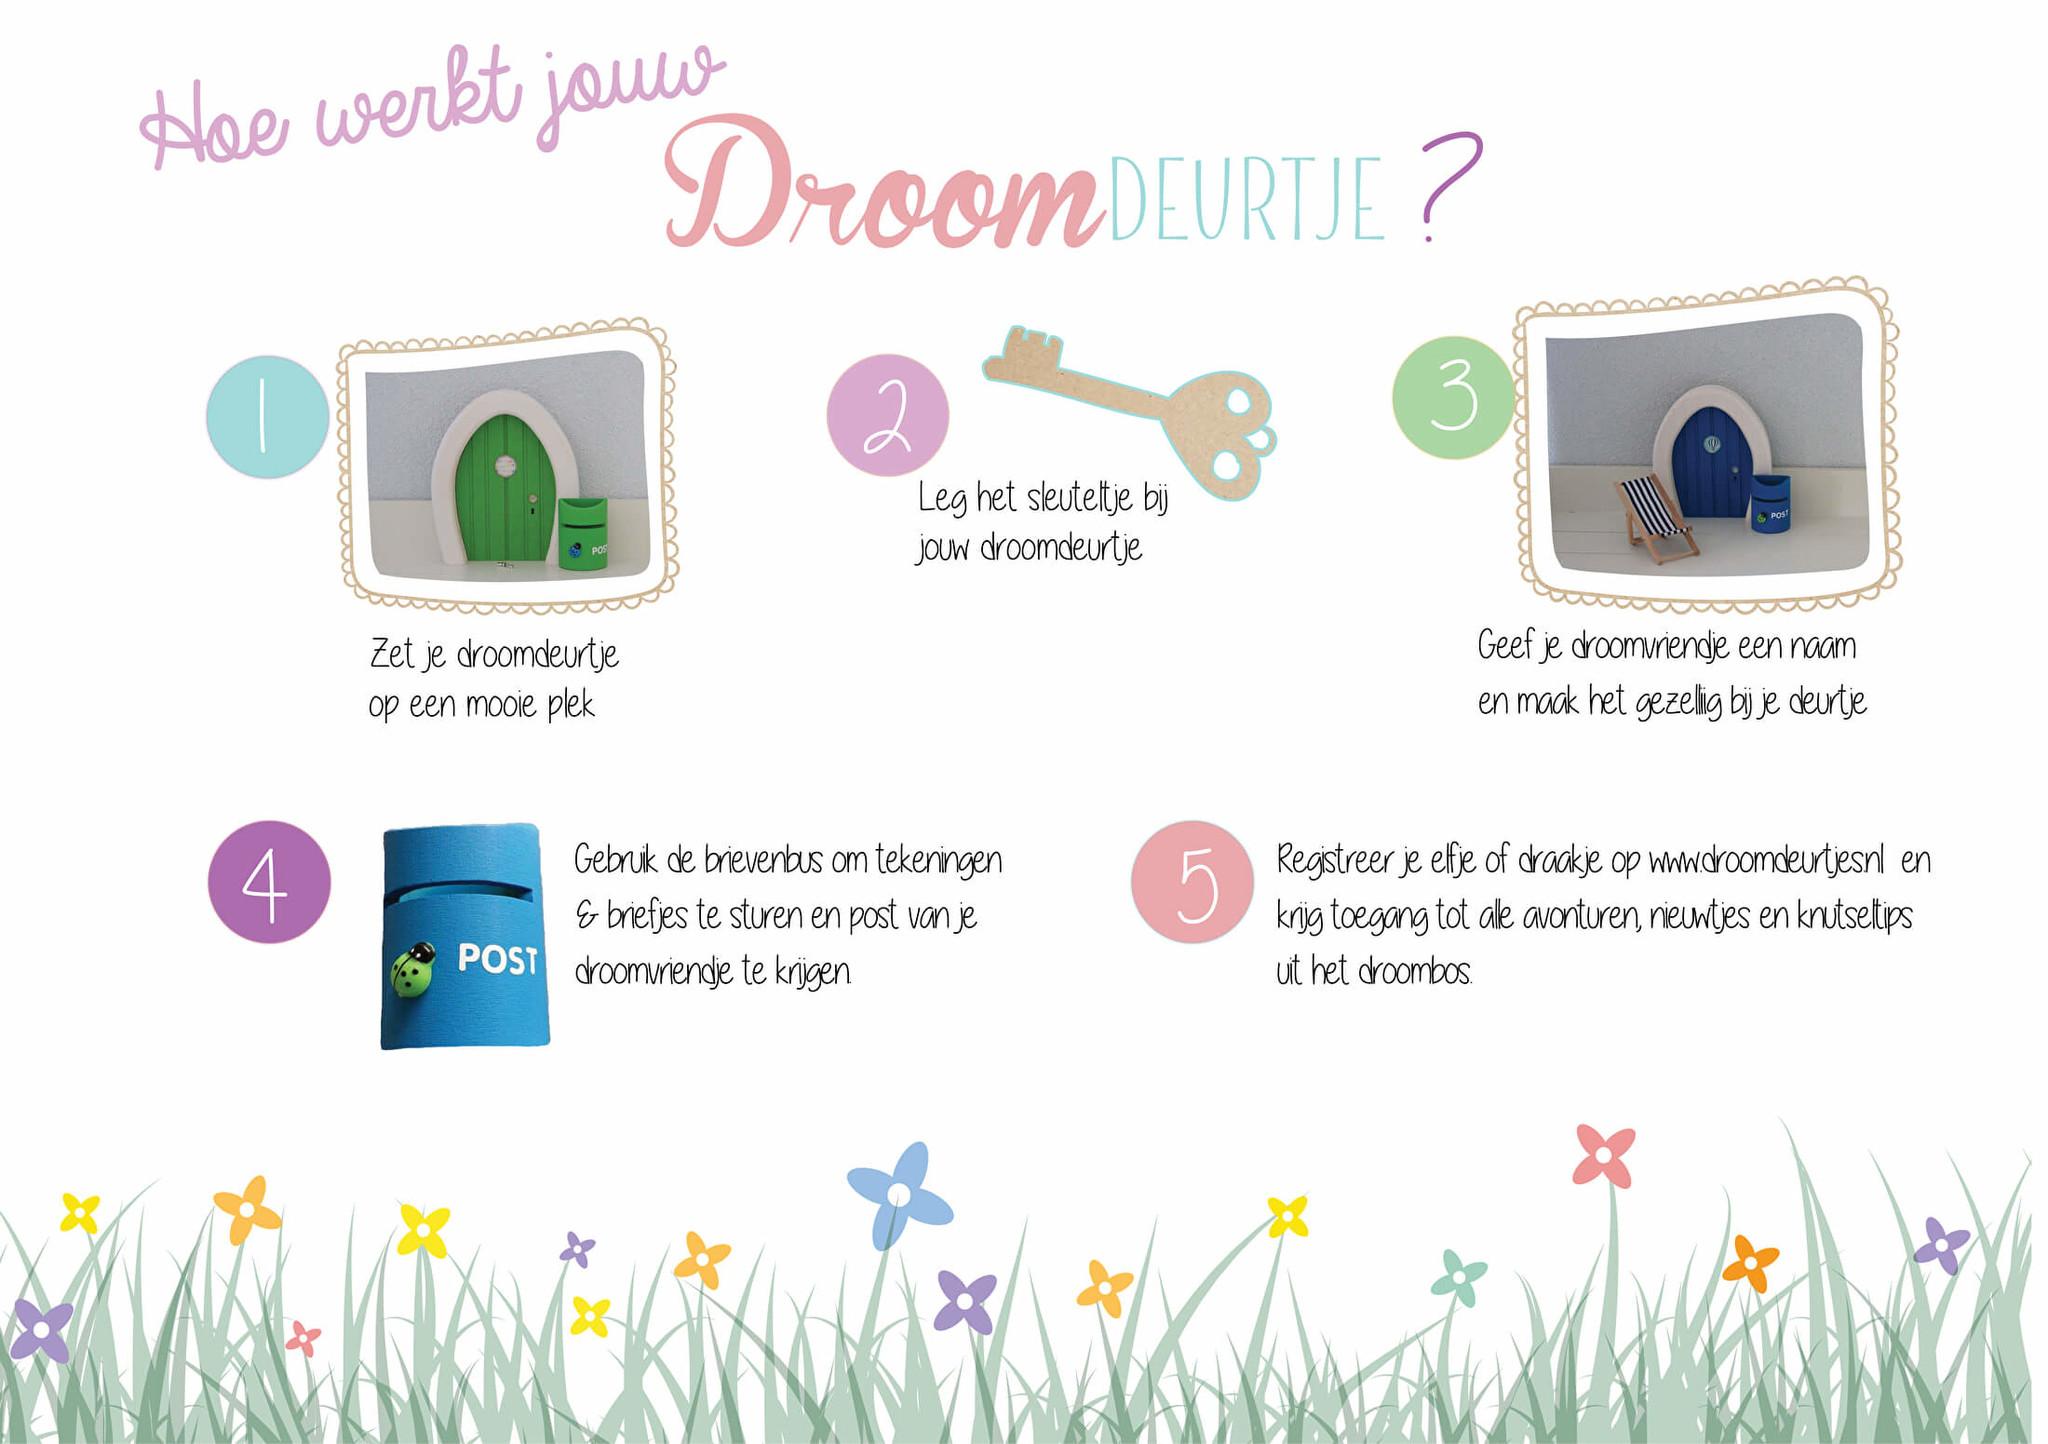 Sfeerbeeld Droomdeurtjes Freule | De webshop met de leukste en veiligste baby- en kinderproducten